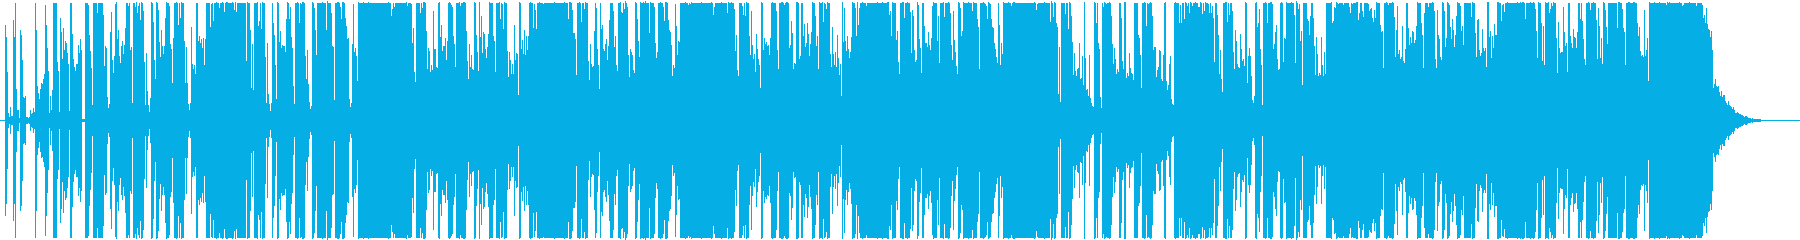 サラサラ ジャズ レトロ ポジティ...の再生済みの波形